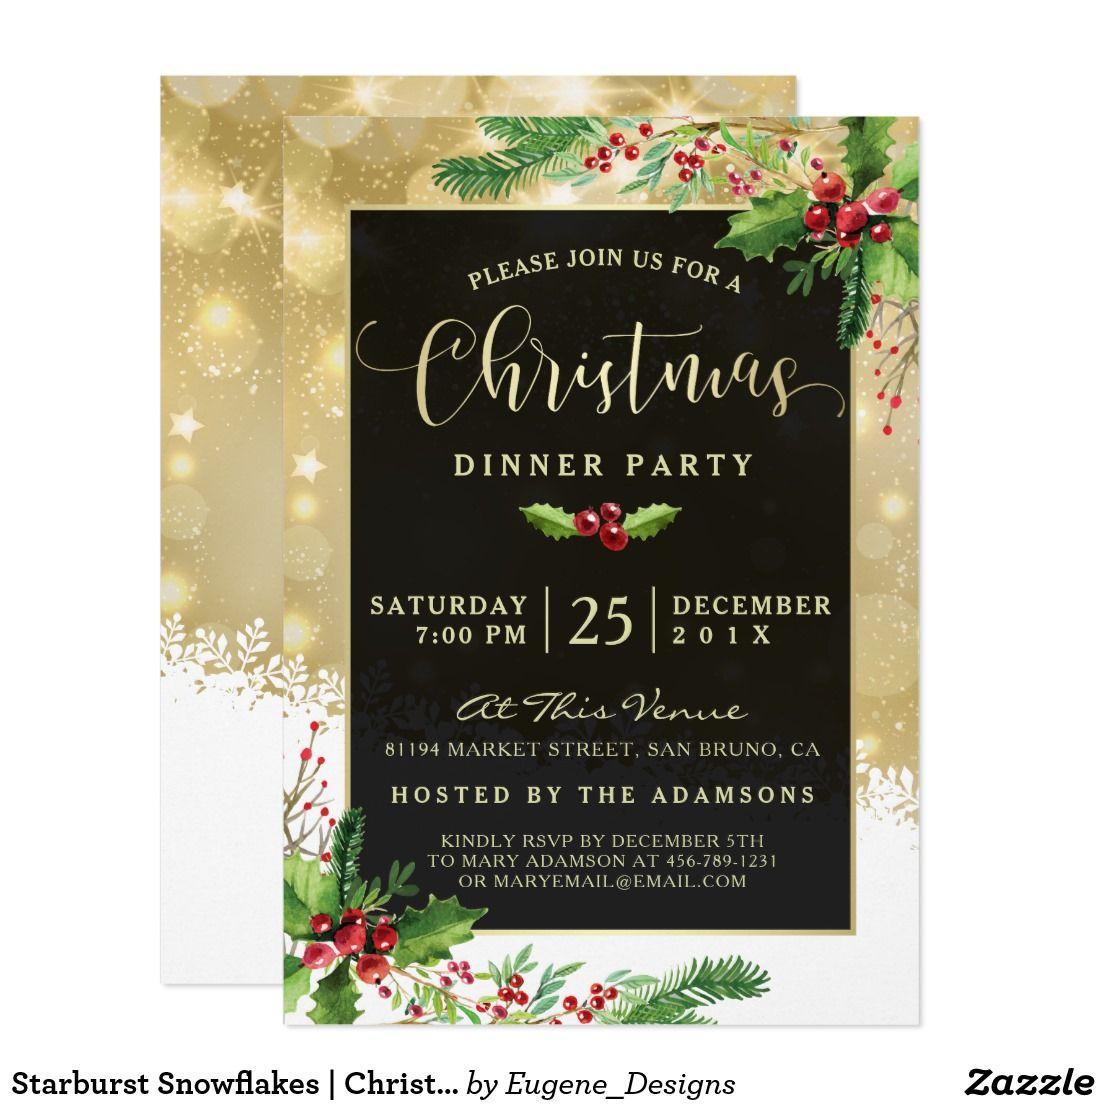 Starburst Snowflakes Christmas Party Invitation Zazzle Com Snowflake Christmas Party Invitation Party Invitations Christmas Invitations